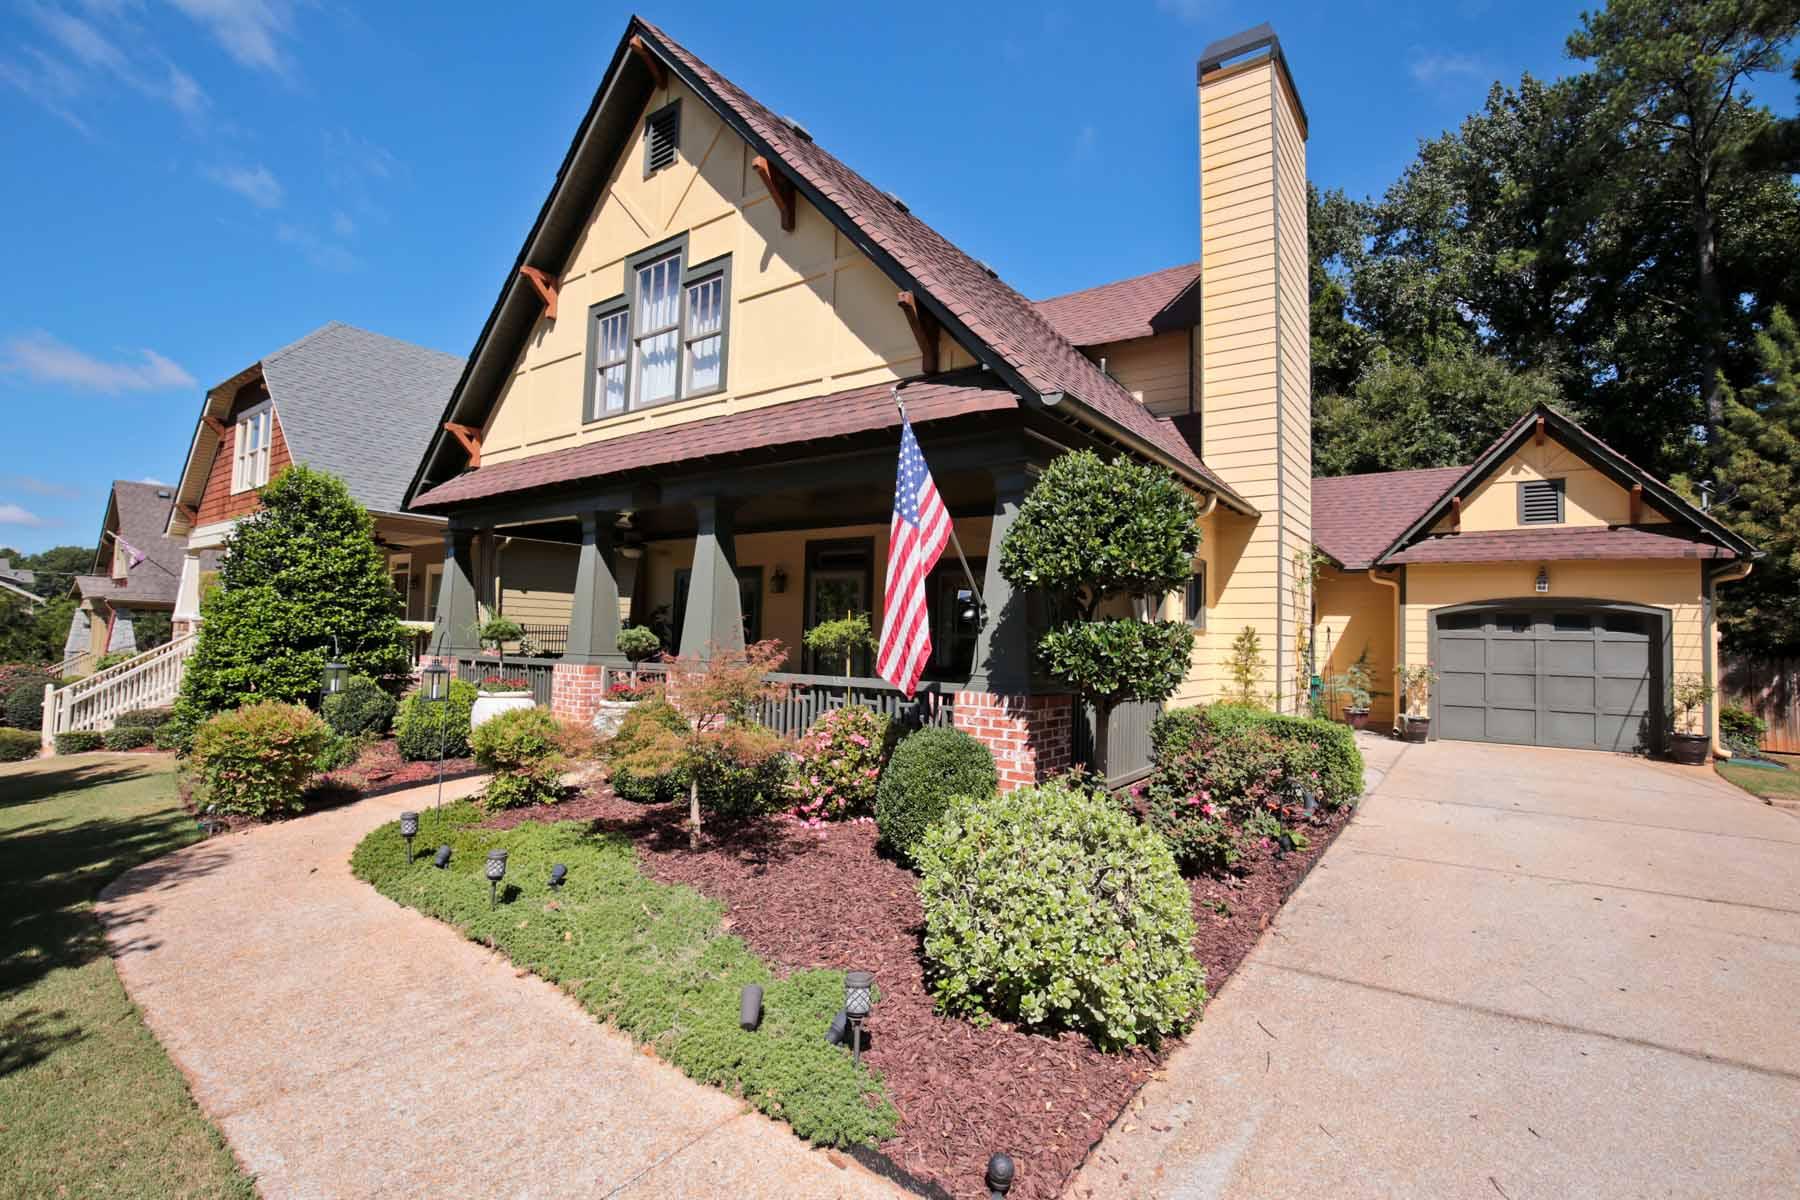 Maison unifamiliale pour l Vente à Gorgeous 4 Bedroom Craftsman in a quiet cul-de-sac. 1276 Diamond Avenue SE Atlanta, Georgia, 30316 États-Unis